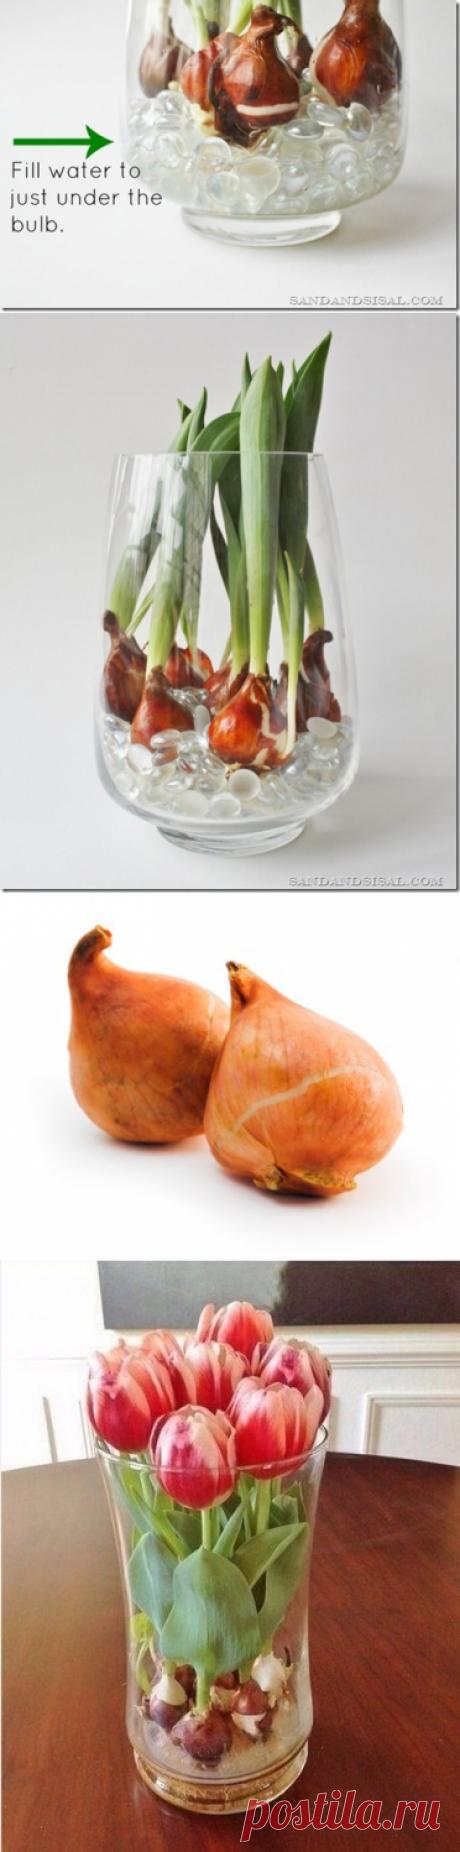 Как вырастить тюльпаны дома в любое время года с помощью стеклянных шариков и воды? — Полезные советы